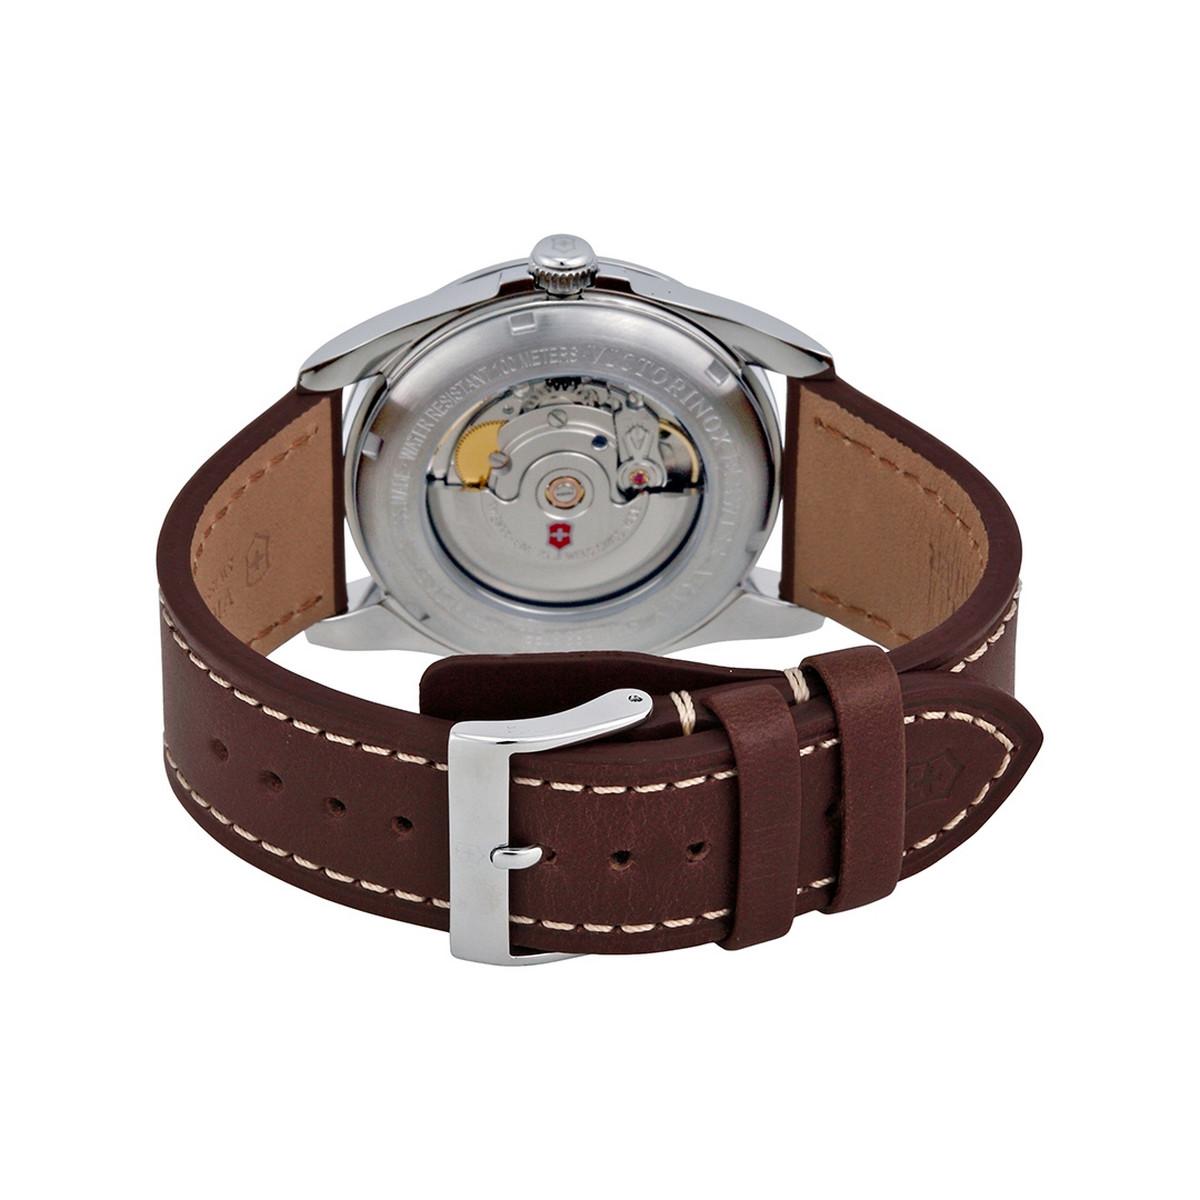 Montre Homme Victorinox INFANTRY Mechanical, cadran blanc argenté, bracelet cuir marron - 40 mm